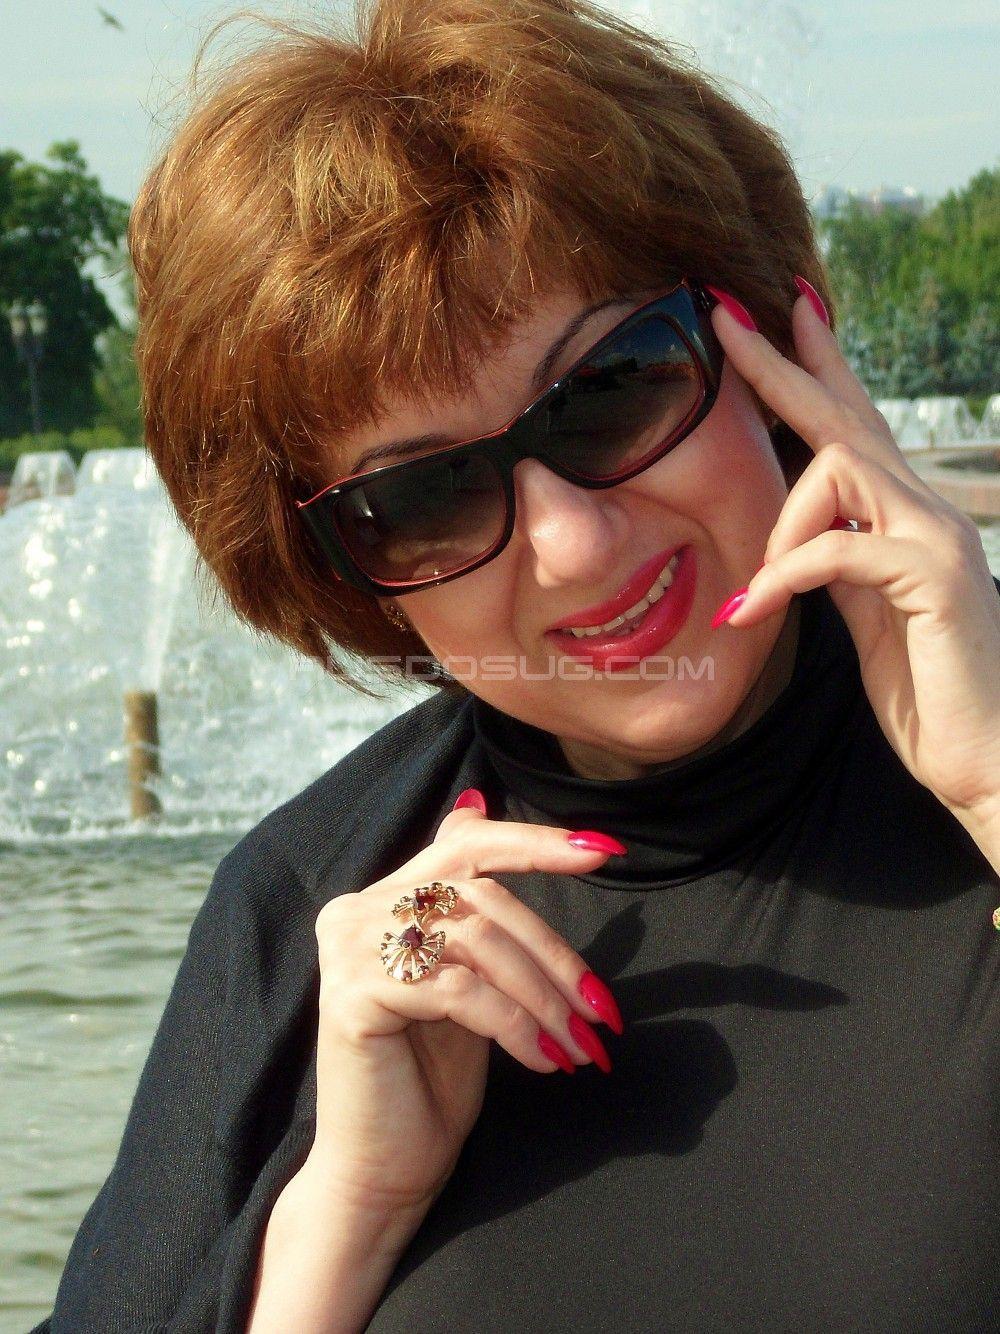 Проститутка Гера с реальными фото в возрасте 40 лет